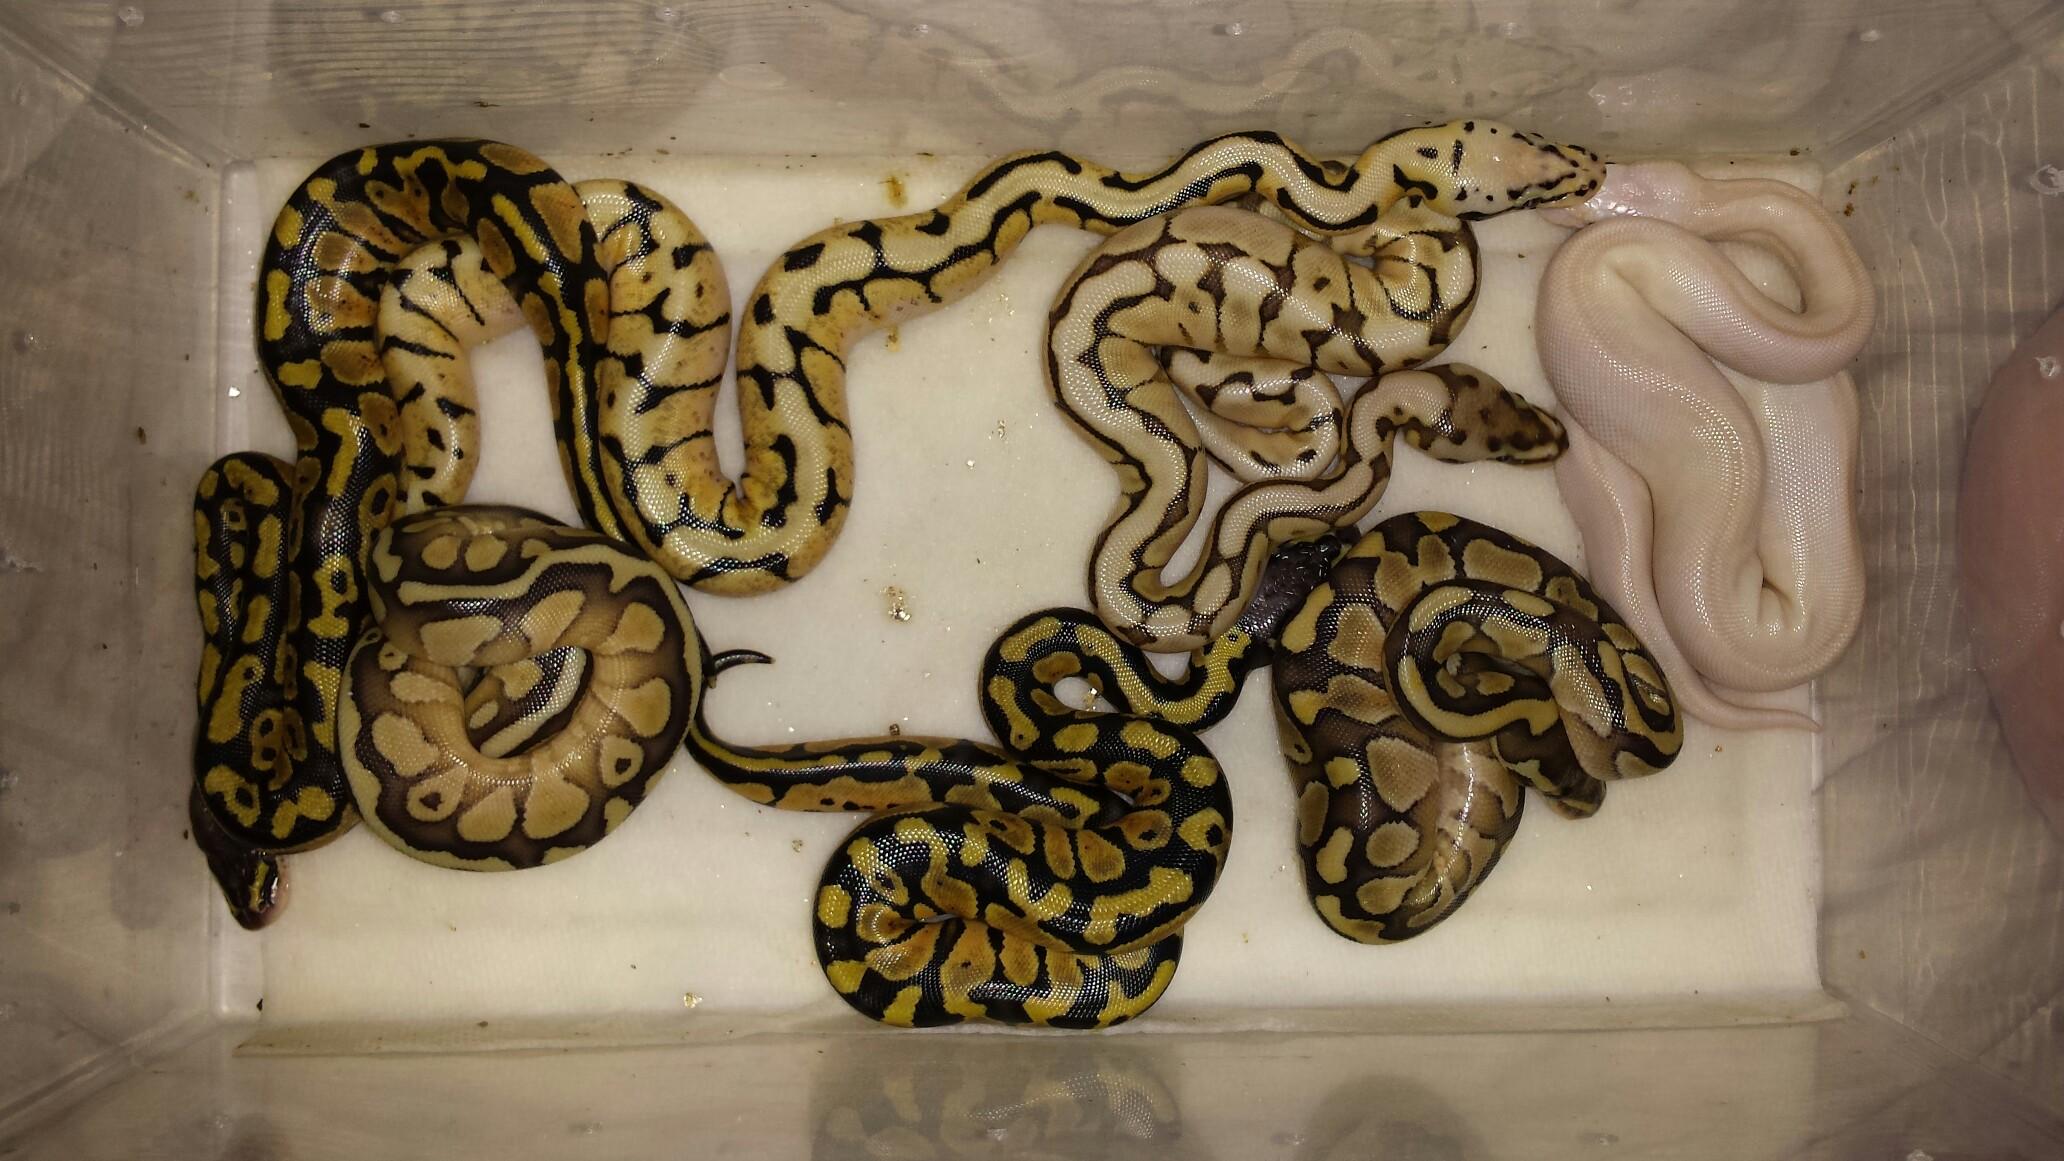 Baby ball pythons